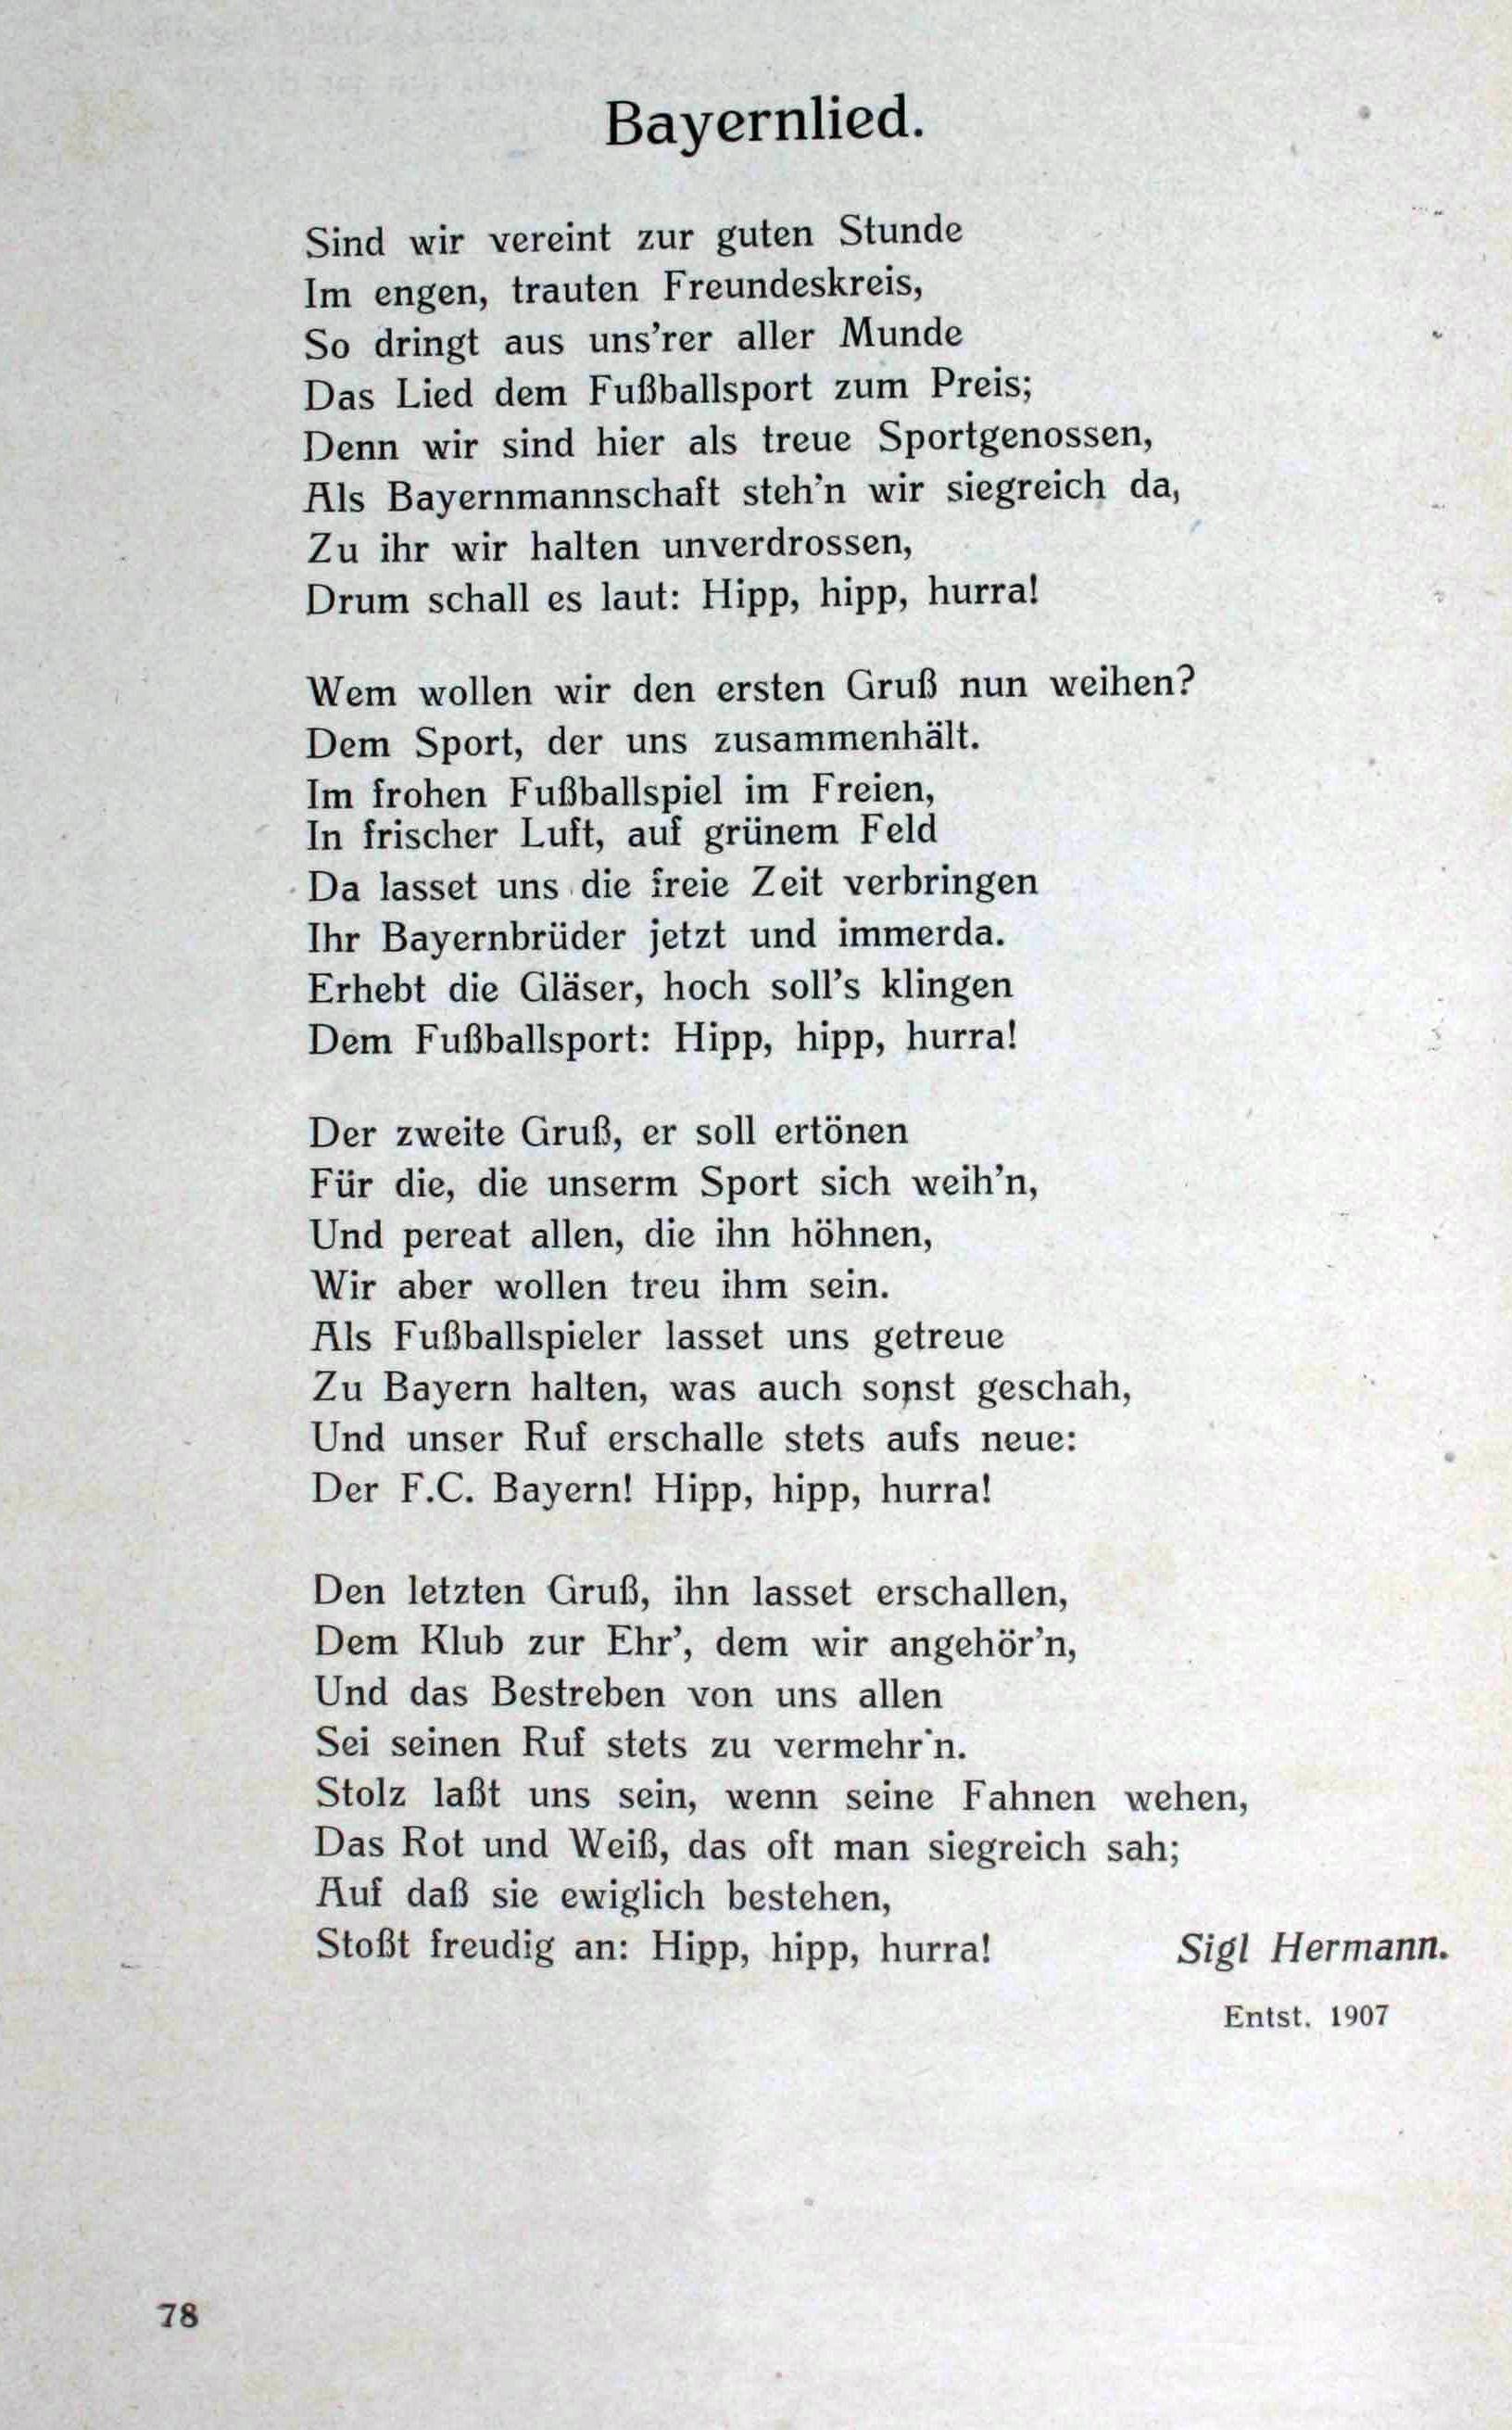 fc bayern hymne text